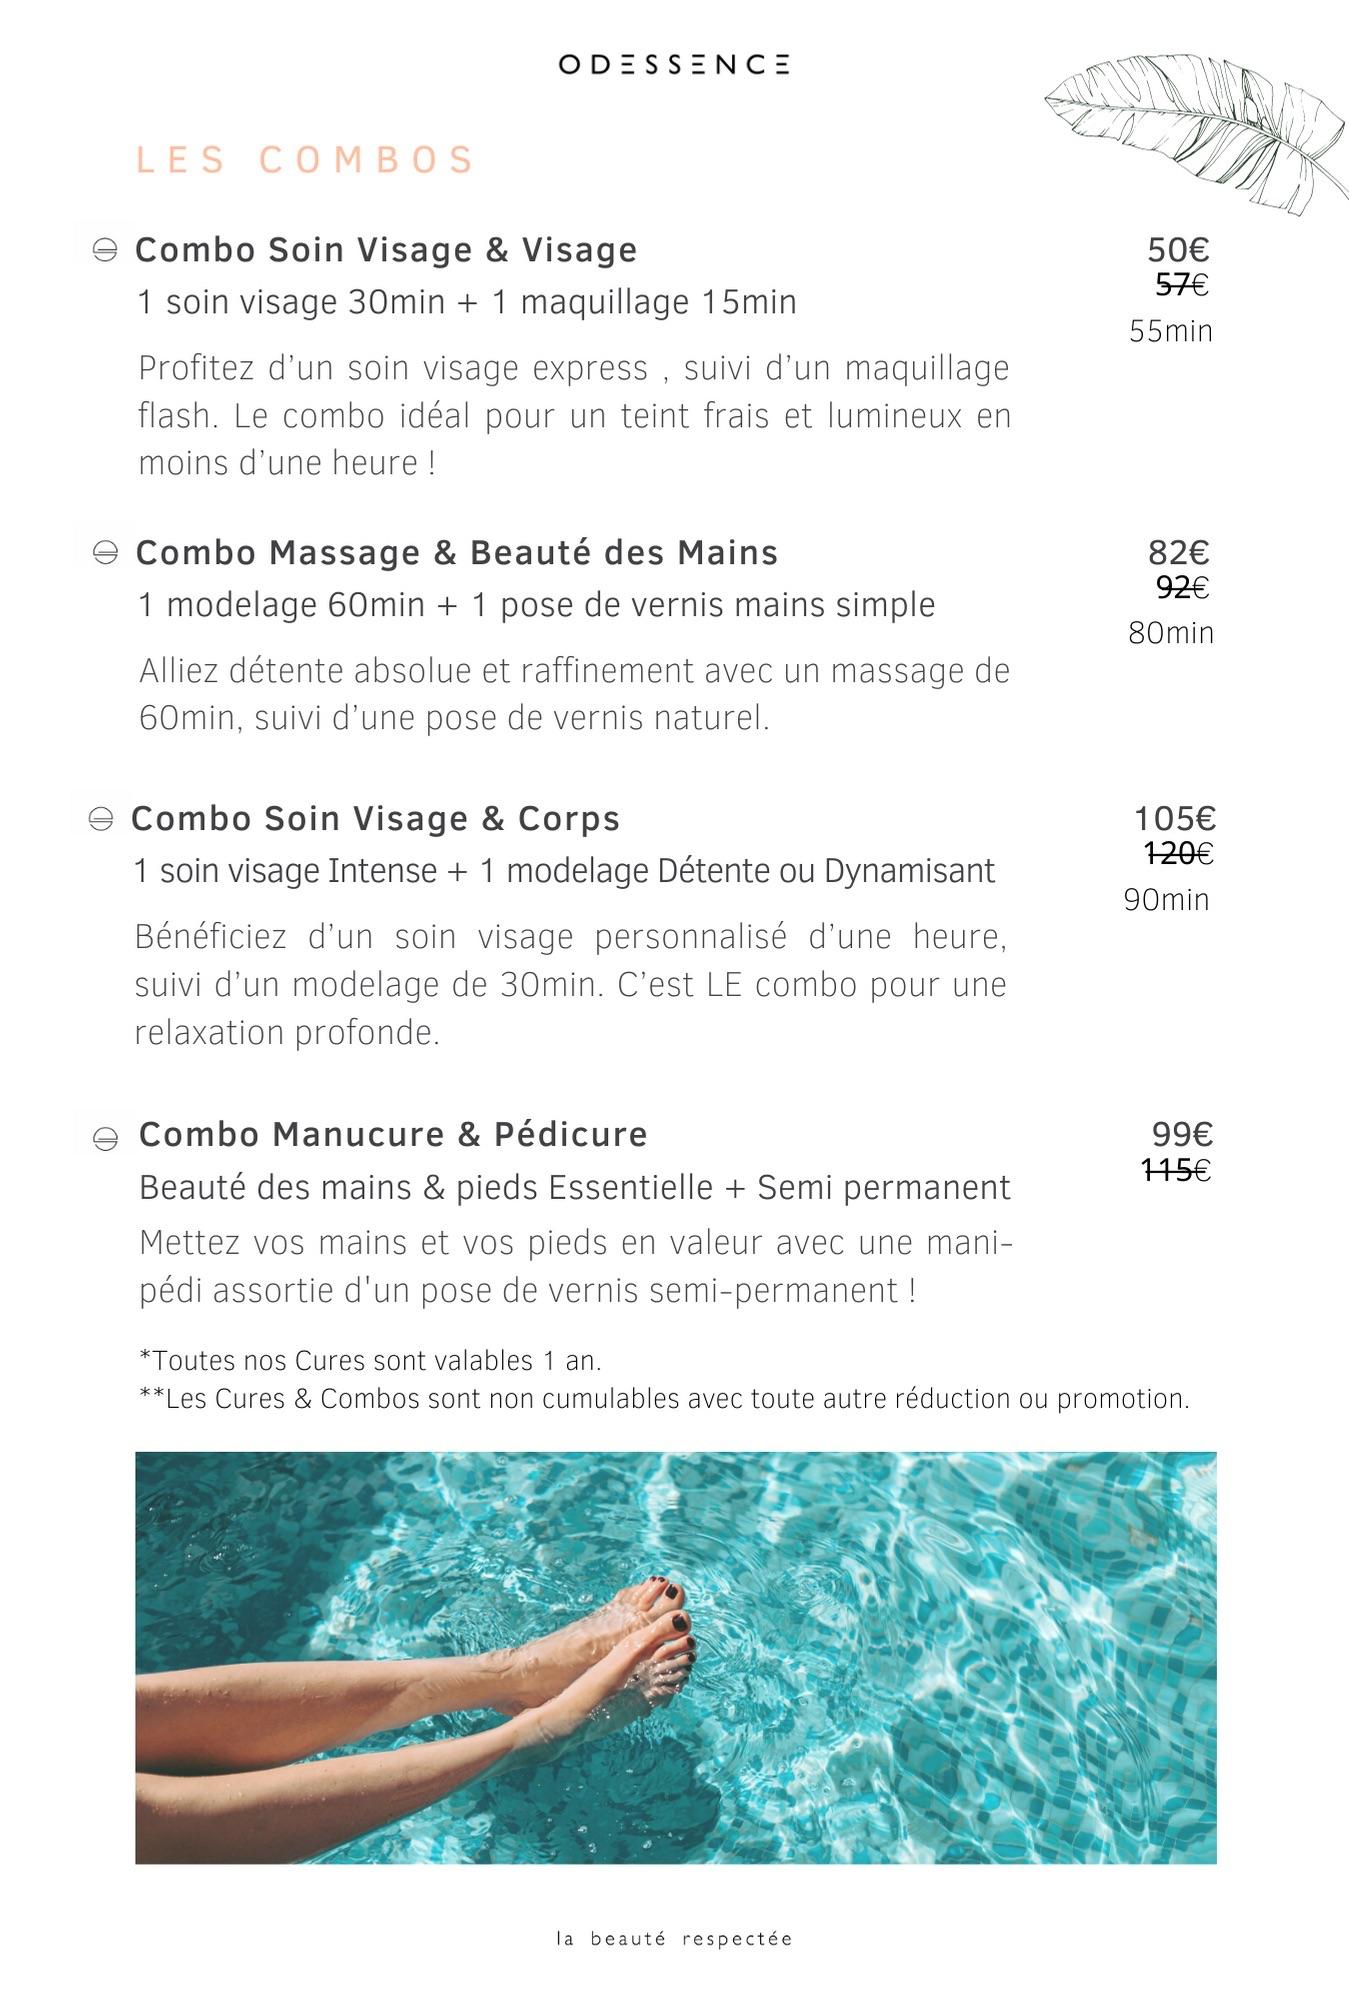 Carte des soins - cures & combos - Odessence - Beauté naturelle & bio à Bordeaux